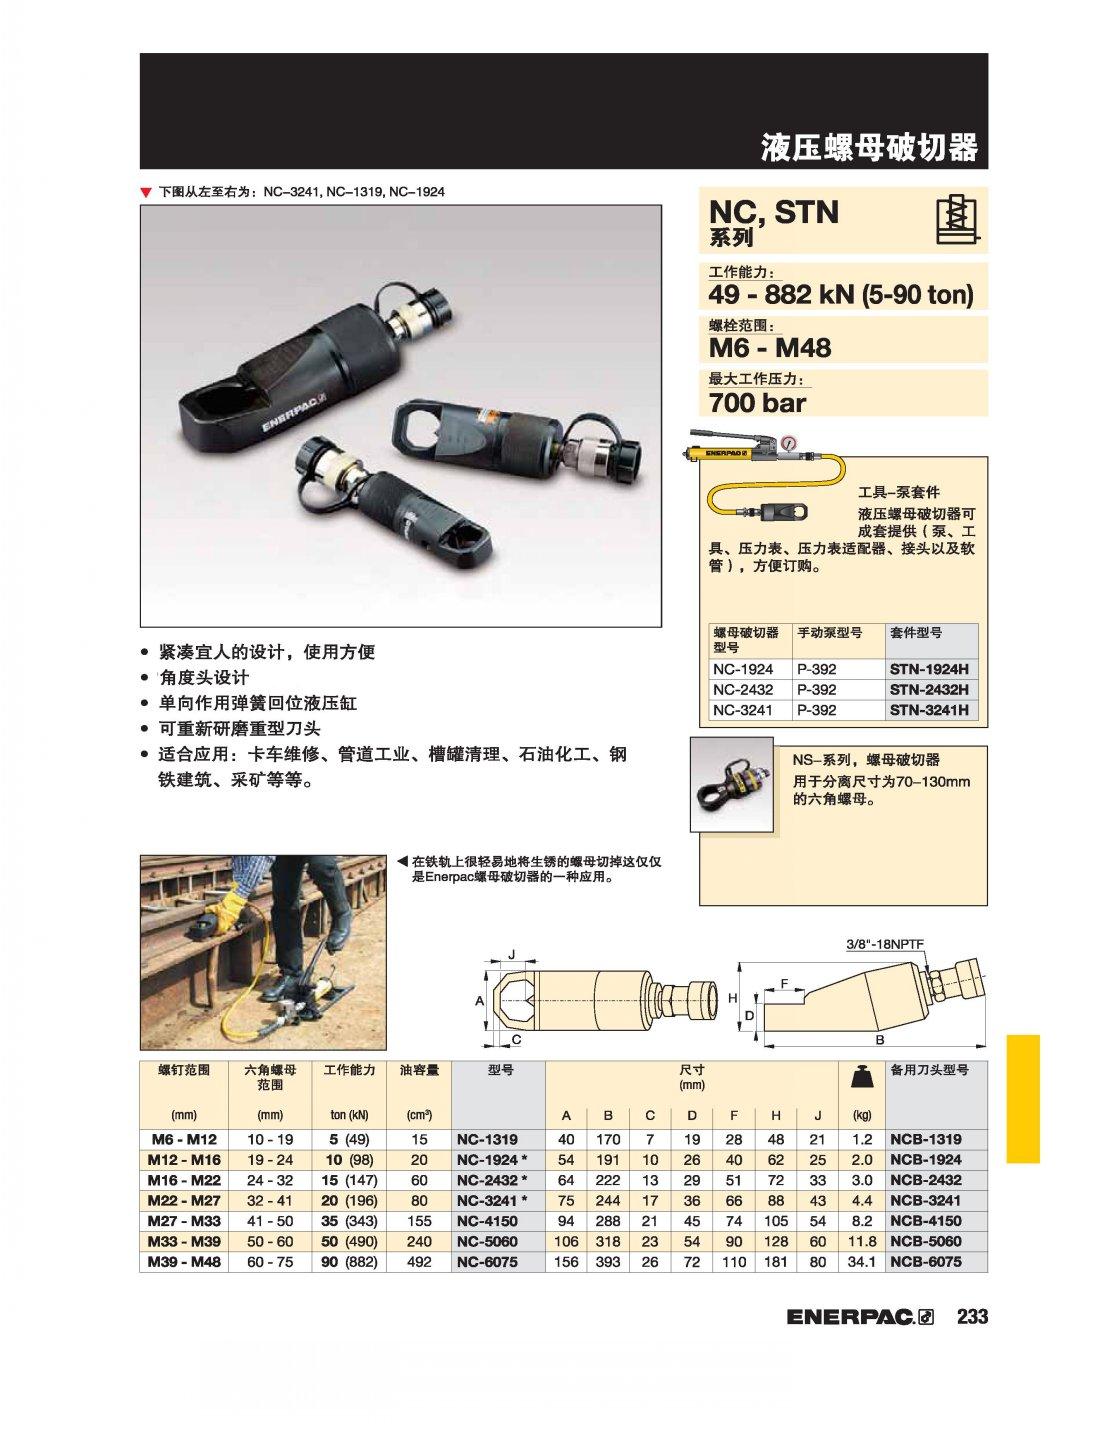 恩派克中文公制-e328c - 0235[1].jpg